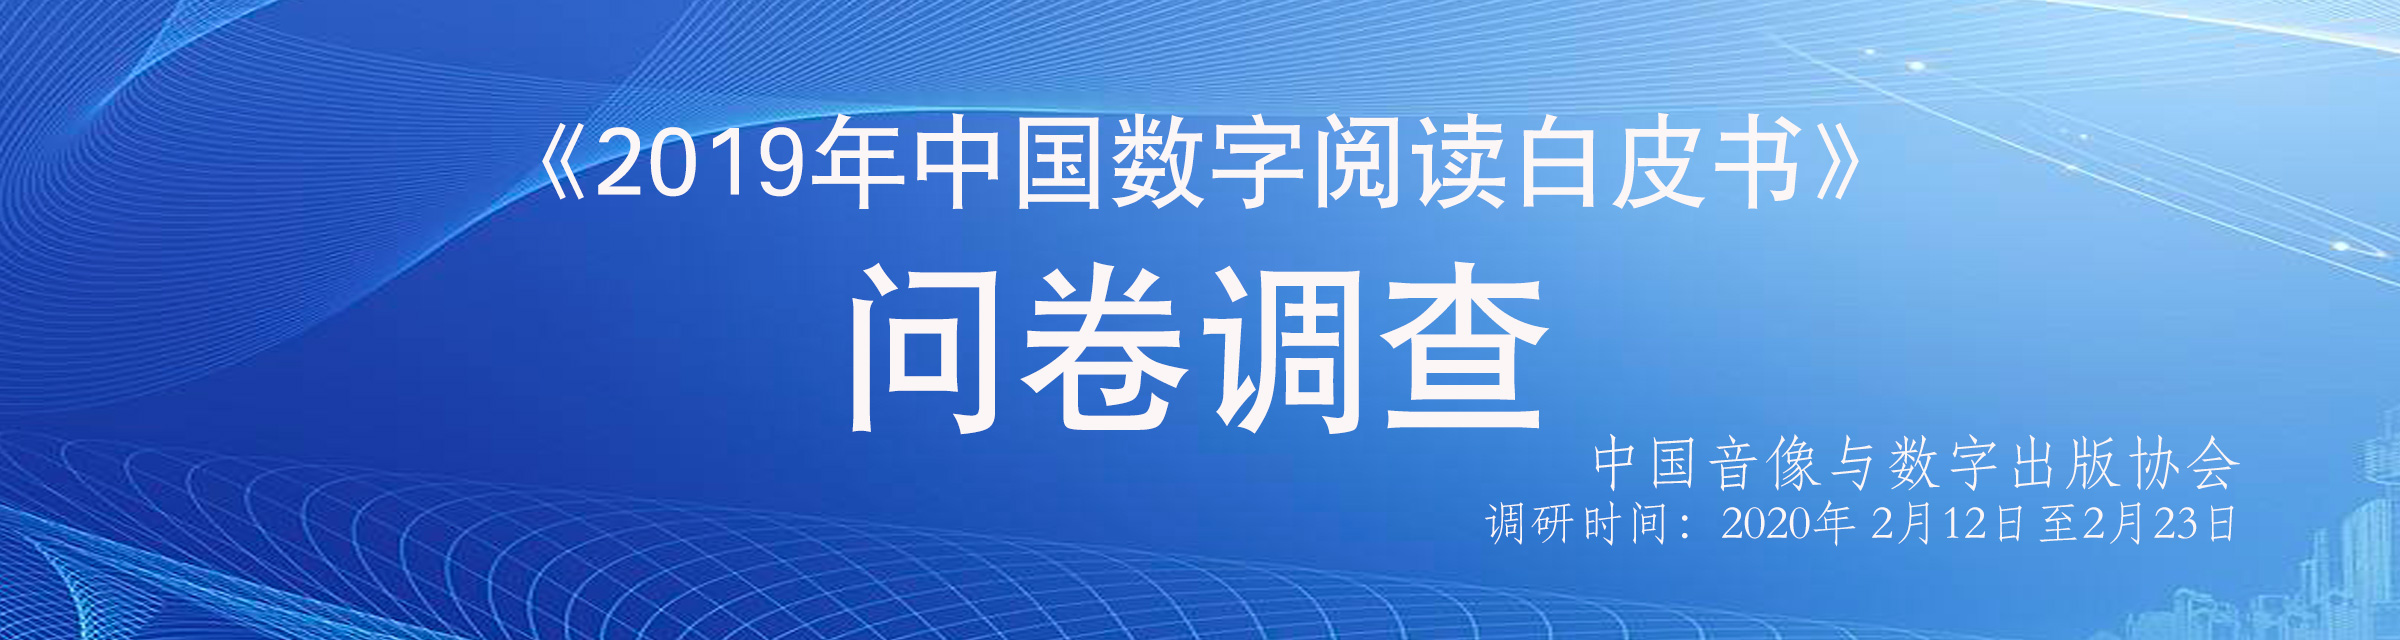 《2019年中国数字阅读白皮书》问卷调查